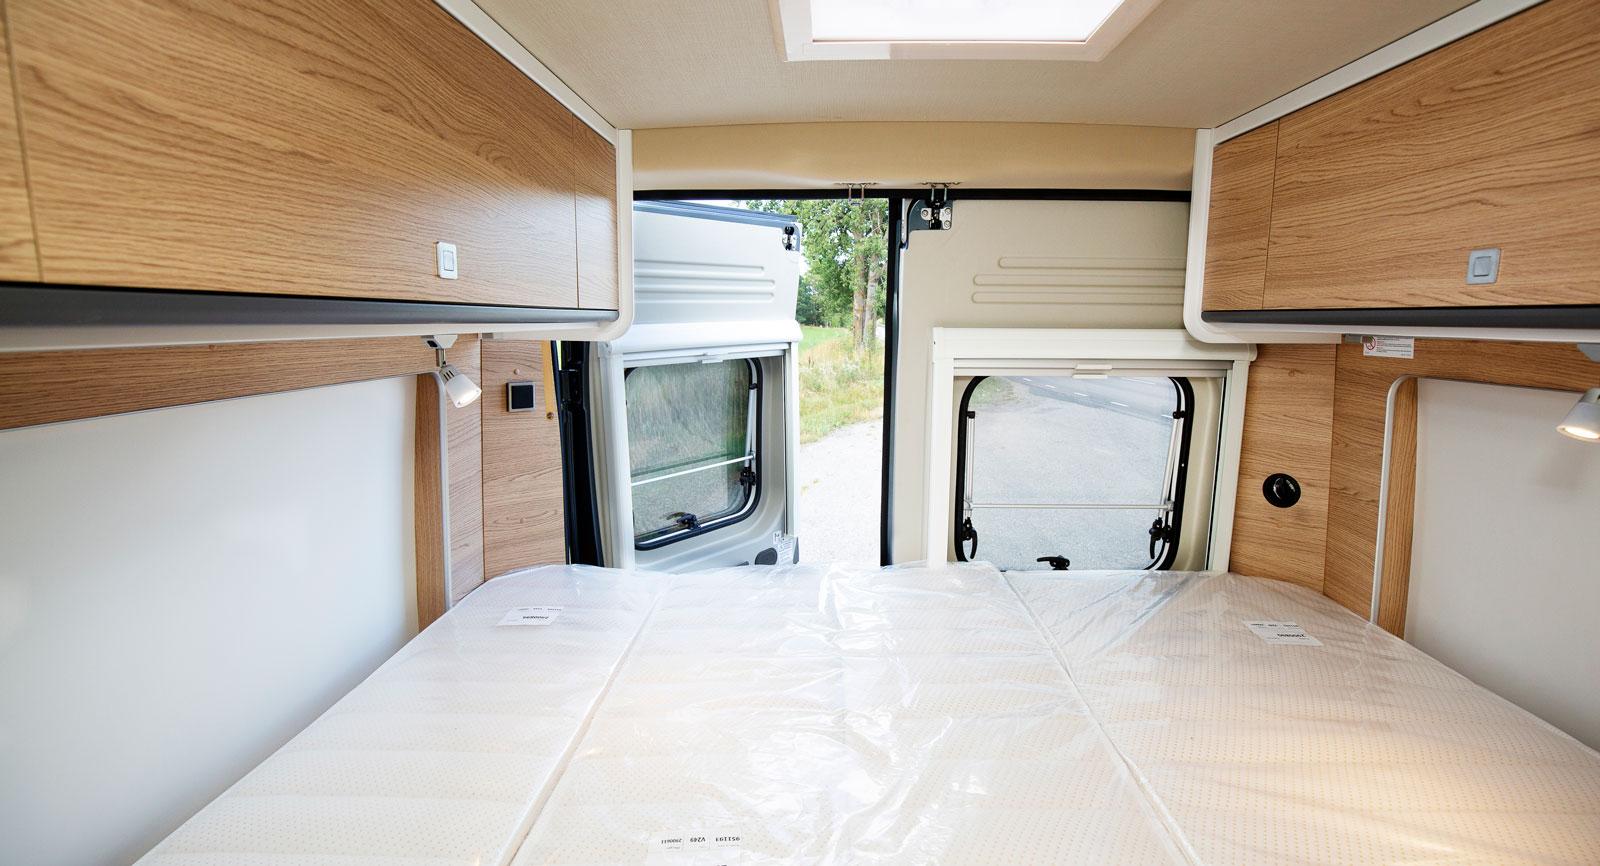 Längst bak finns dubbelsängen som är tvärställd. Liggkomforten är okej och det finns även eluttag  och luftutblås som ger värme.